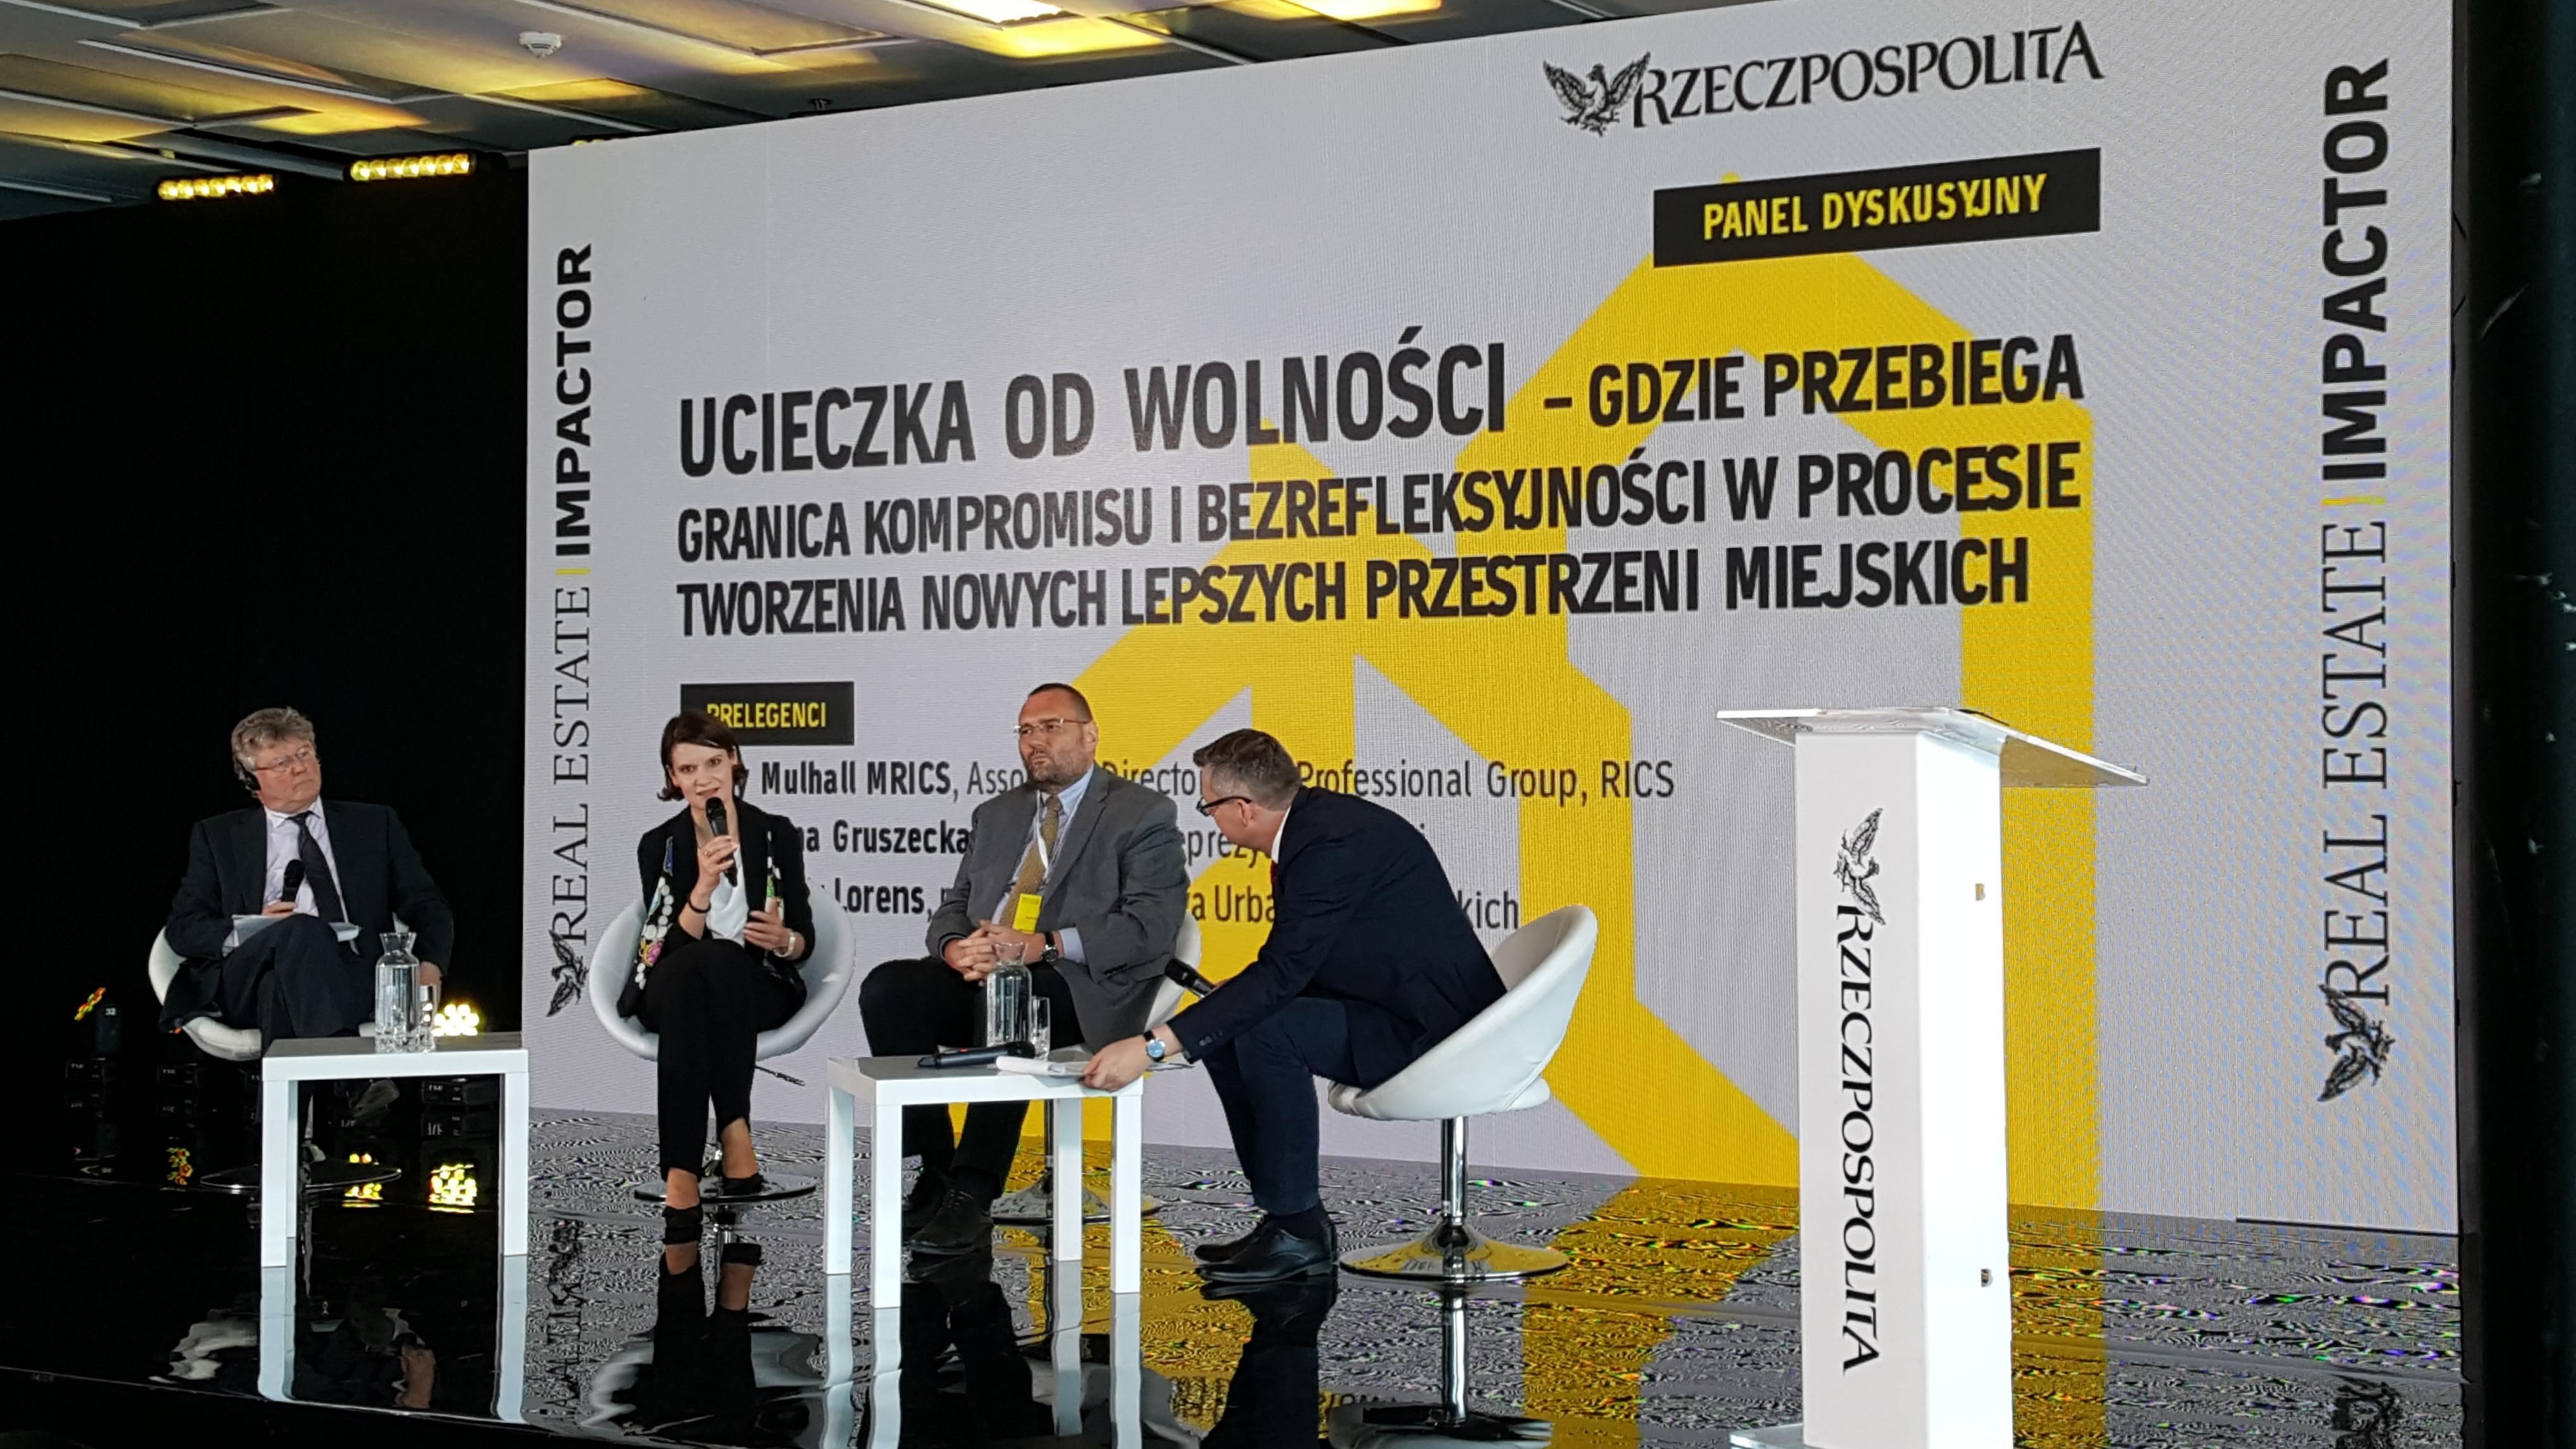 Wiceprezydent Gdyni, Katarzyna Gruszecka-Spychała podczas panelu dyskusyjnego, fot. Dorota Nelke